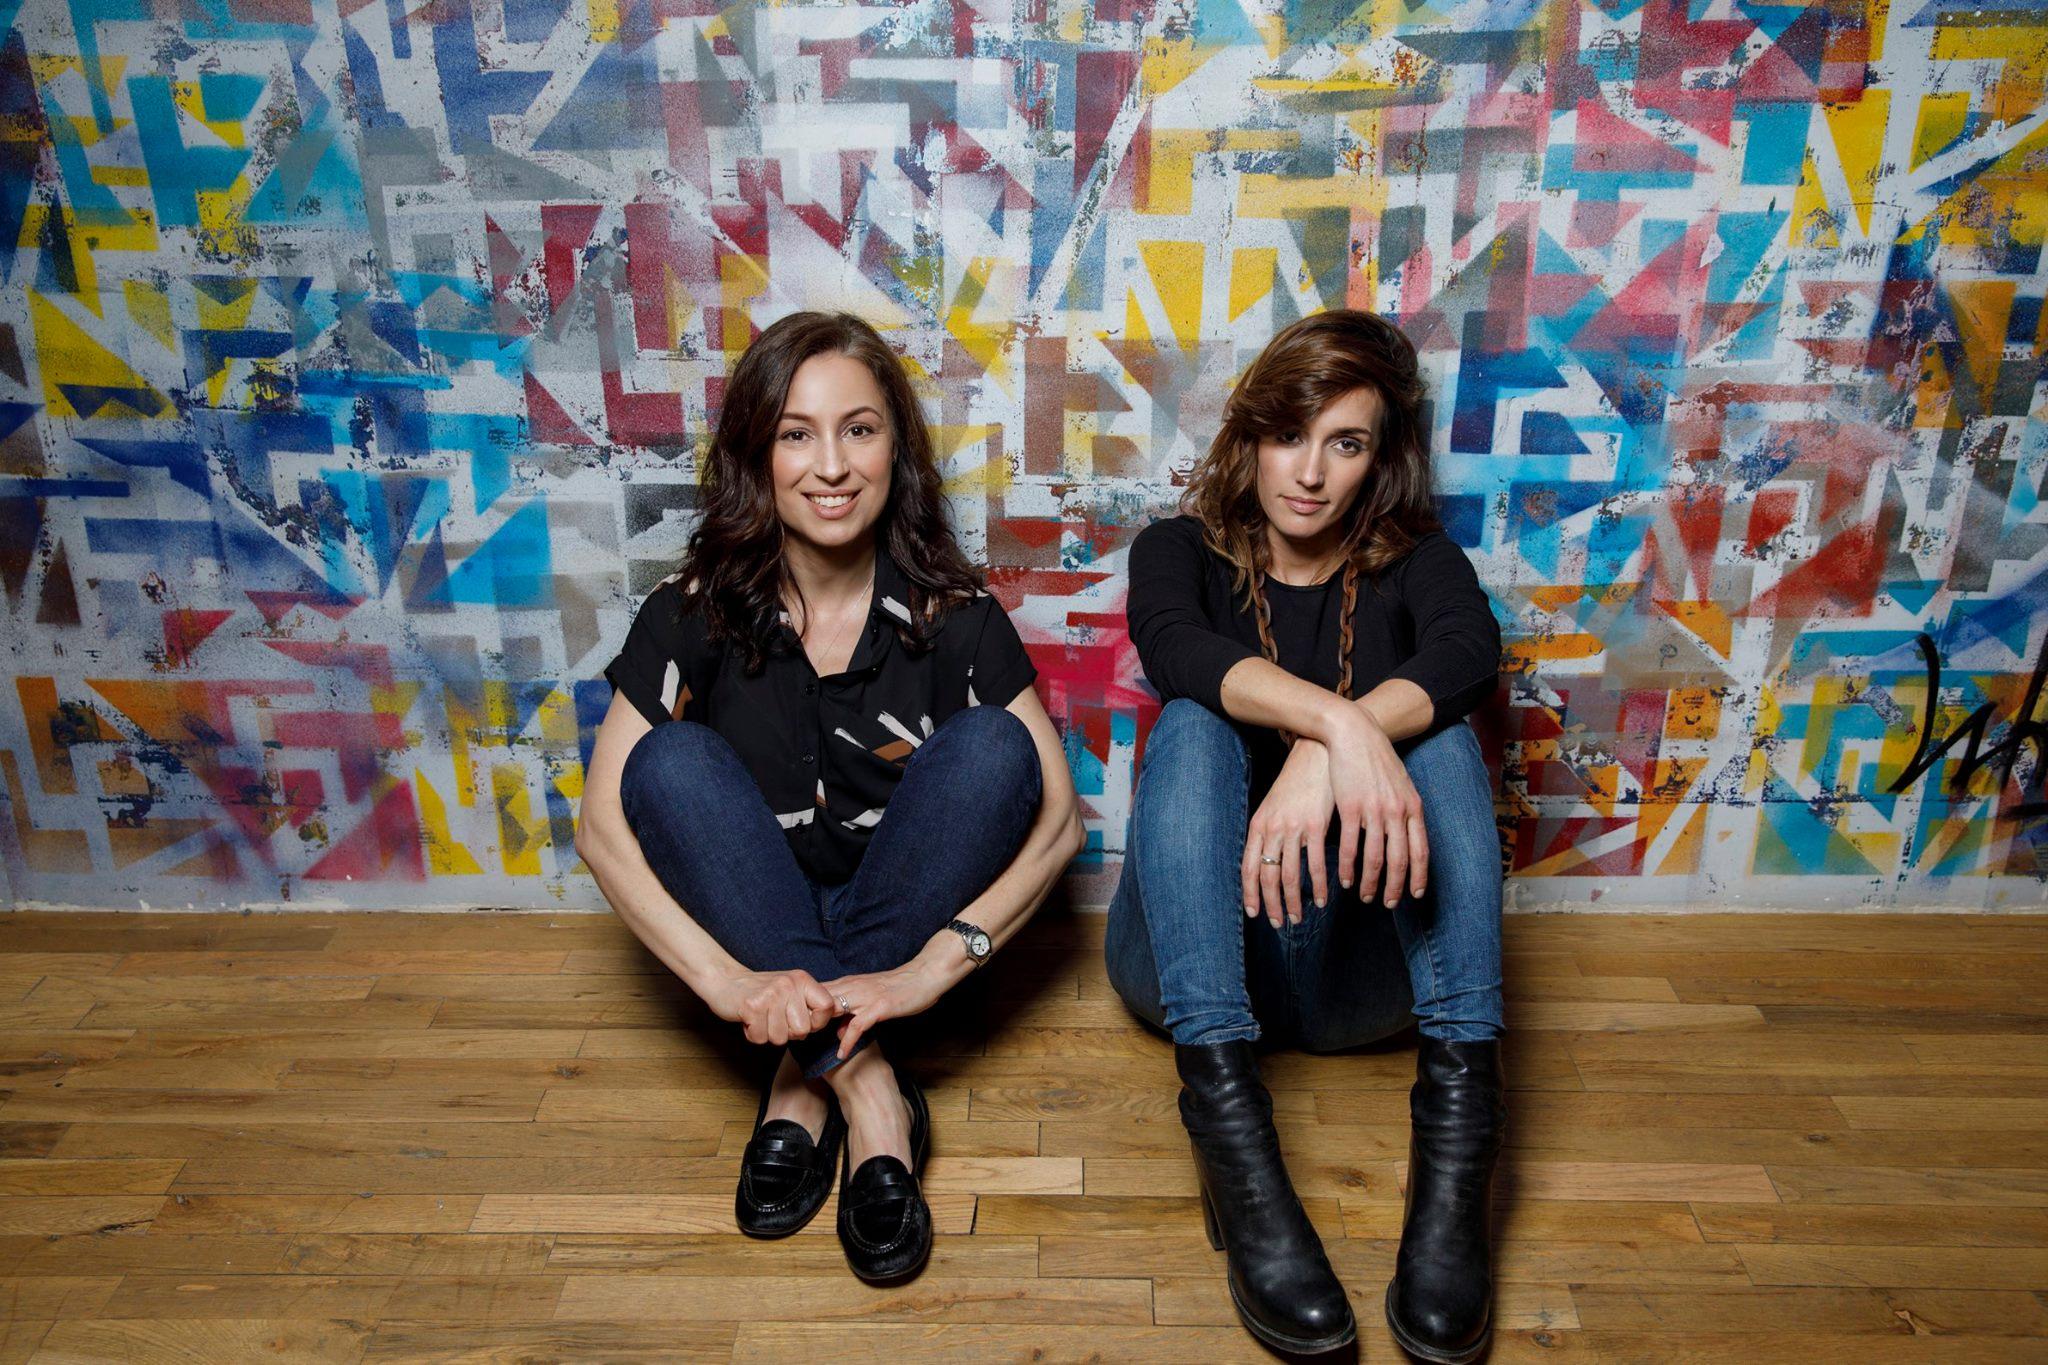 Manoush Zomorodi and Jen Poyant PHOTO CREDIT: TORY WILLIAMS